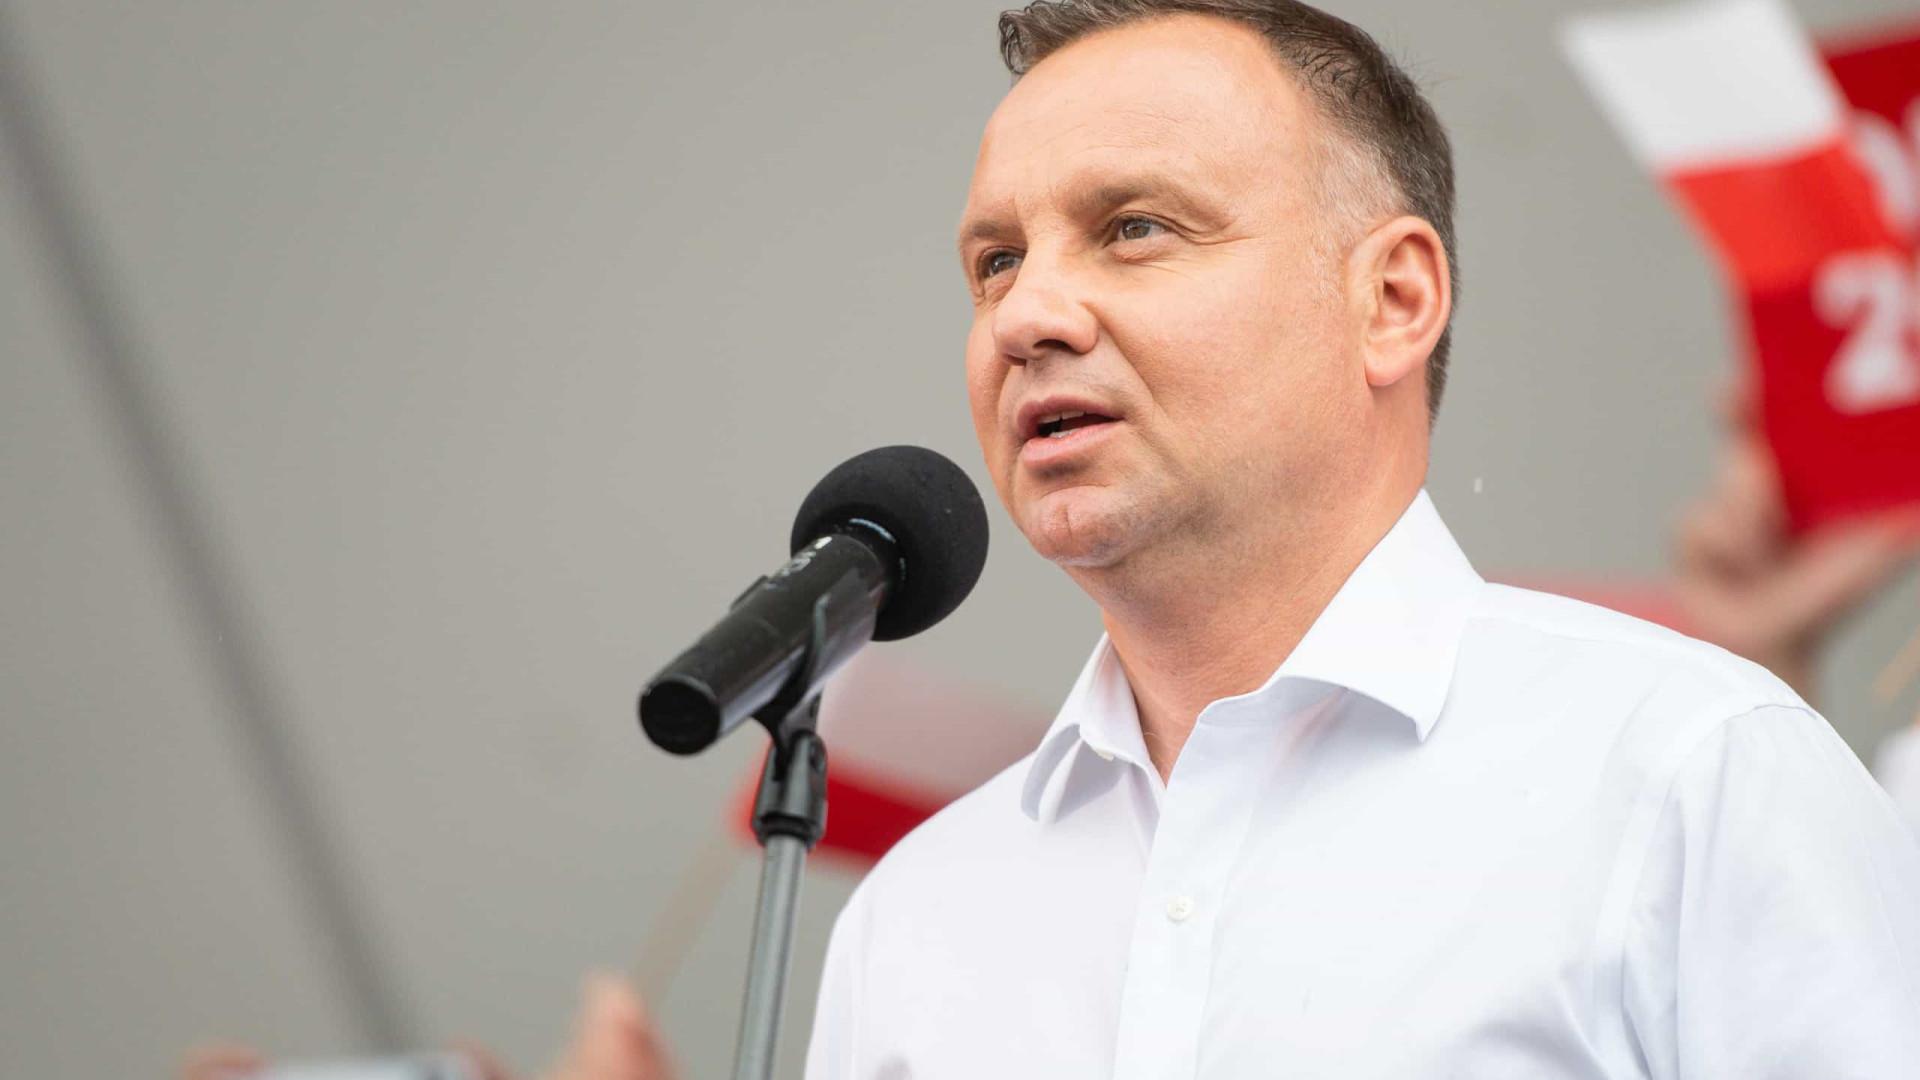 Presidente da Polônia diz que o ativismo LGBT é uma ideologia pior que o comunismo